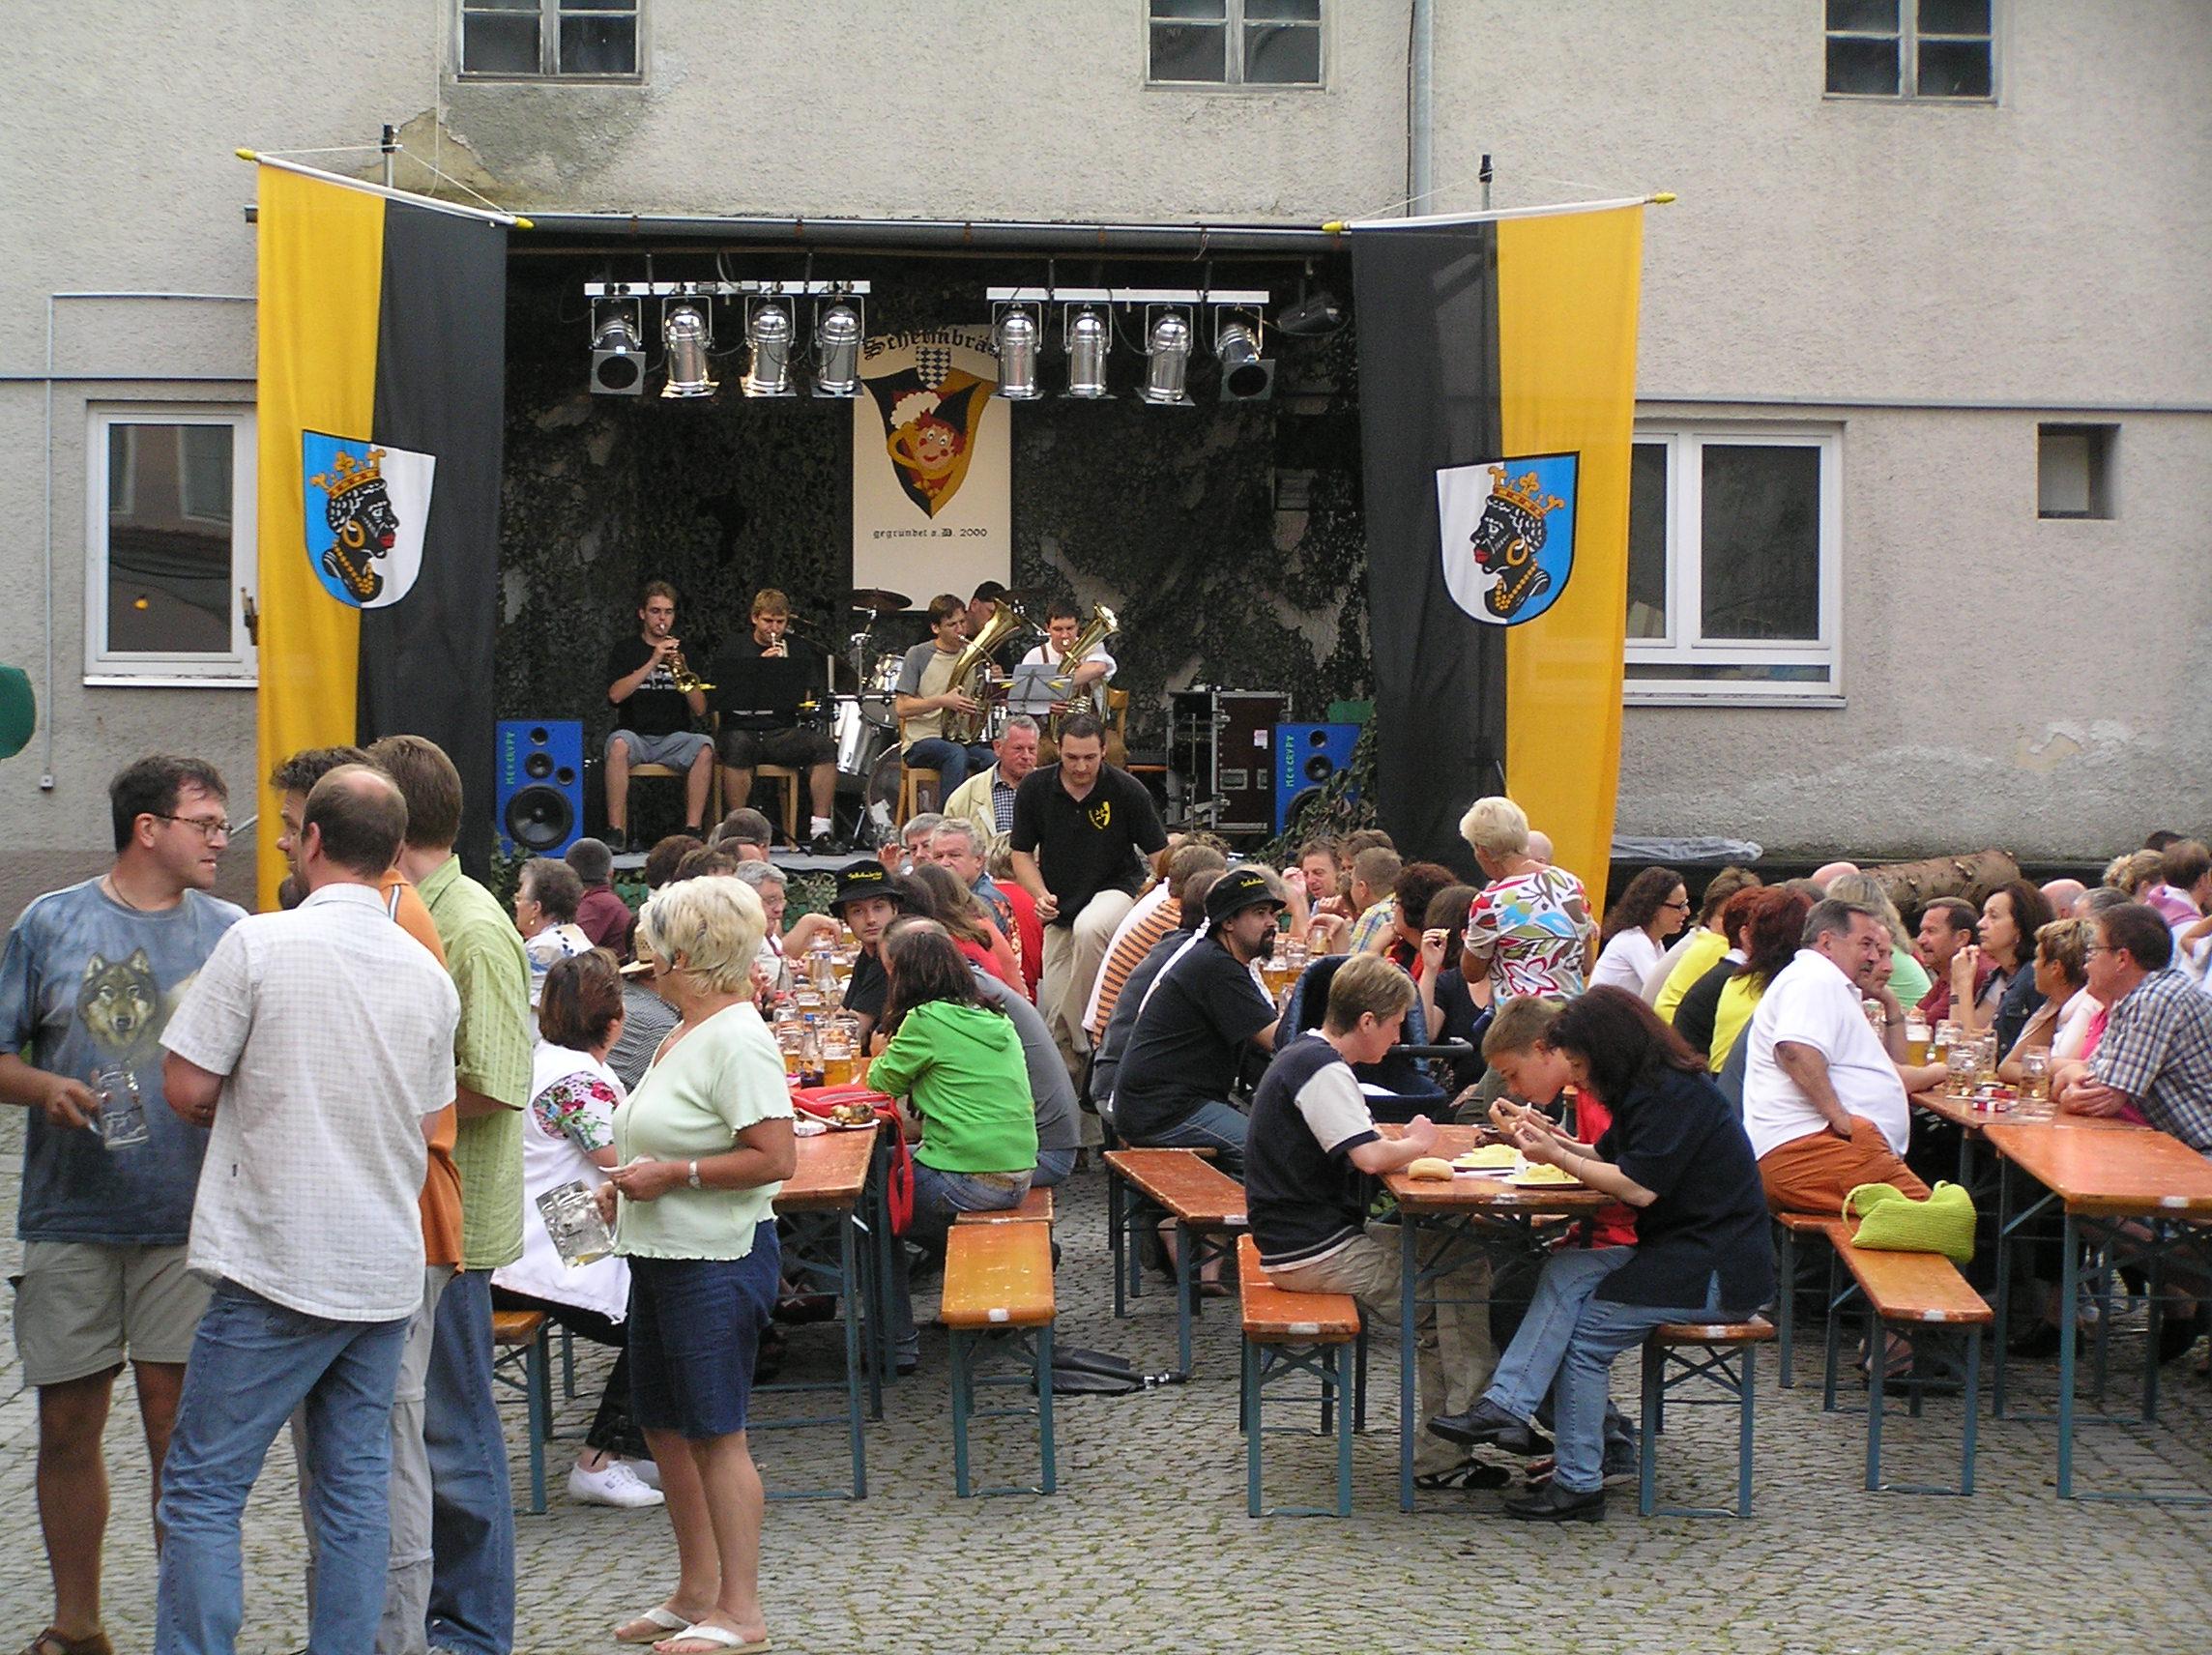 Das Schelmbräu Hoffest im Sonnnenhof 2005